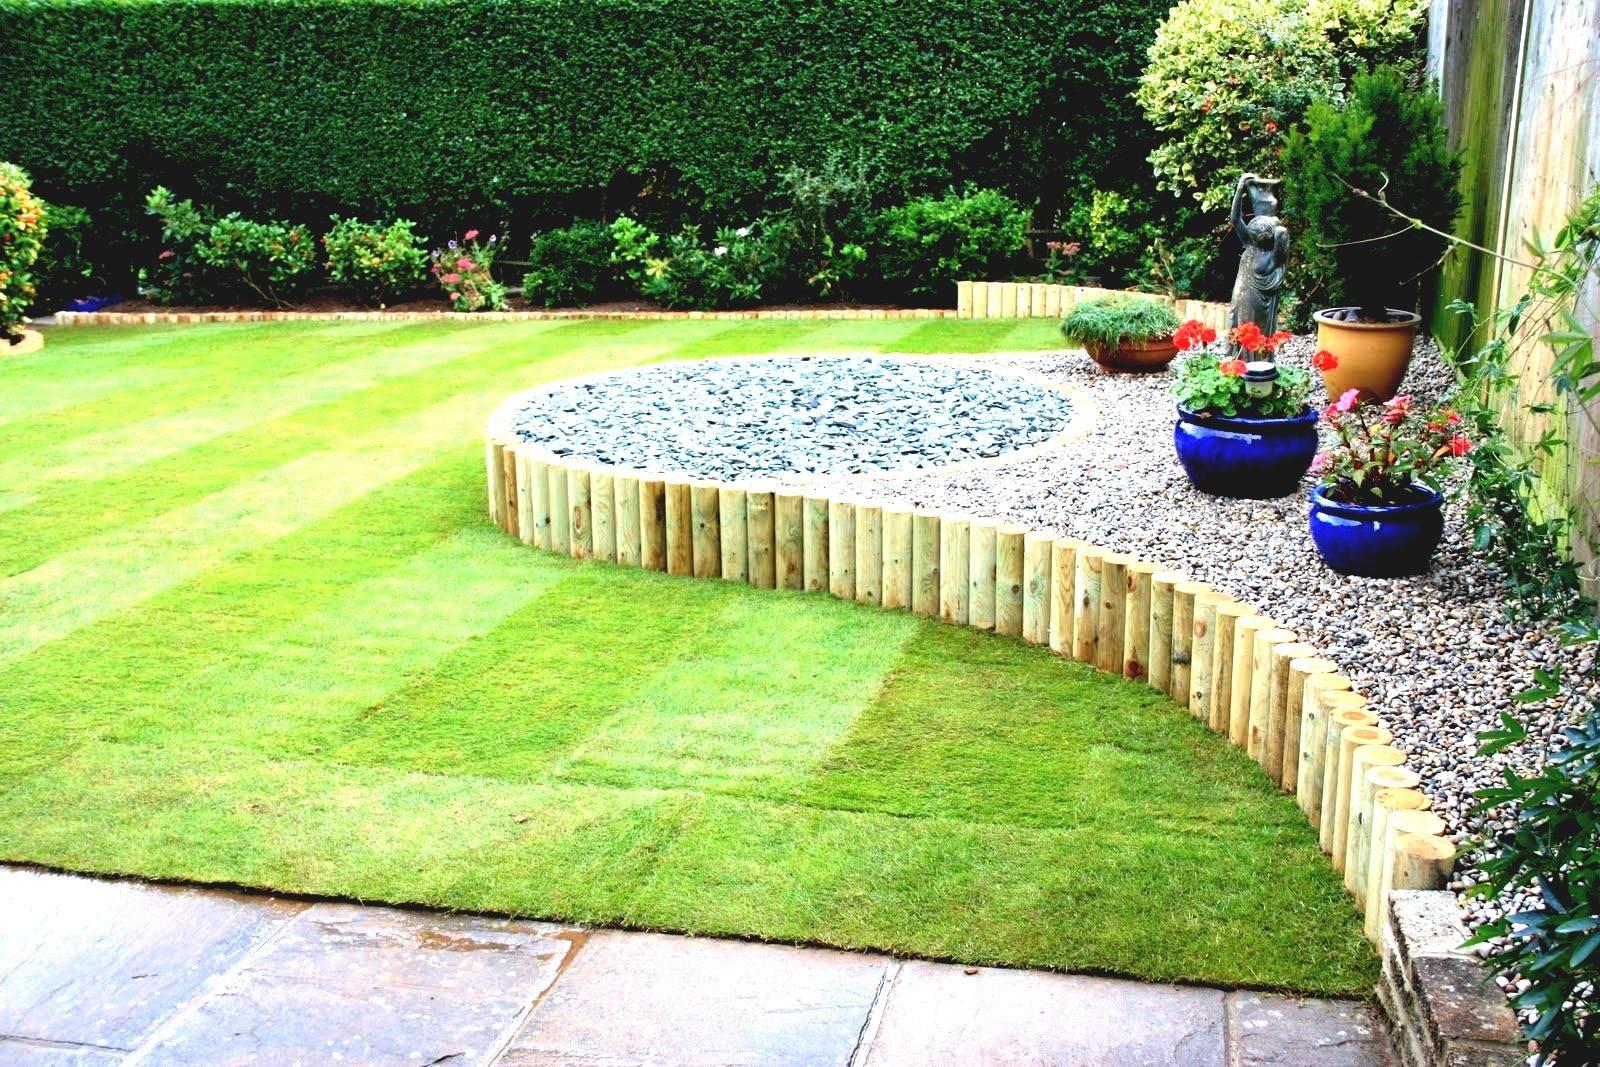 Lieblich Billig Hinterhof Landschaftsbau Ideen Im Garten Trends #Gartendeko